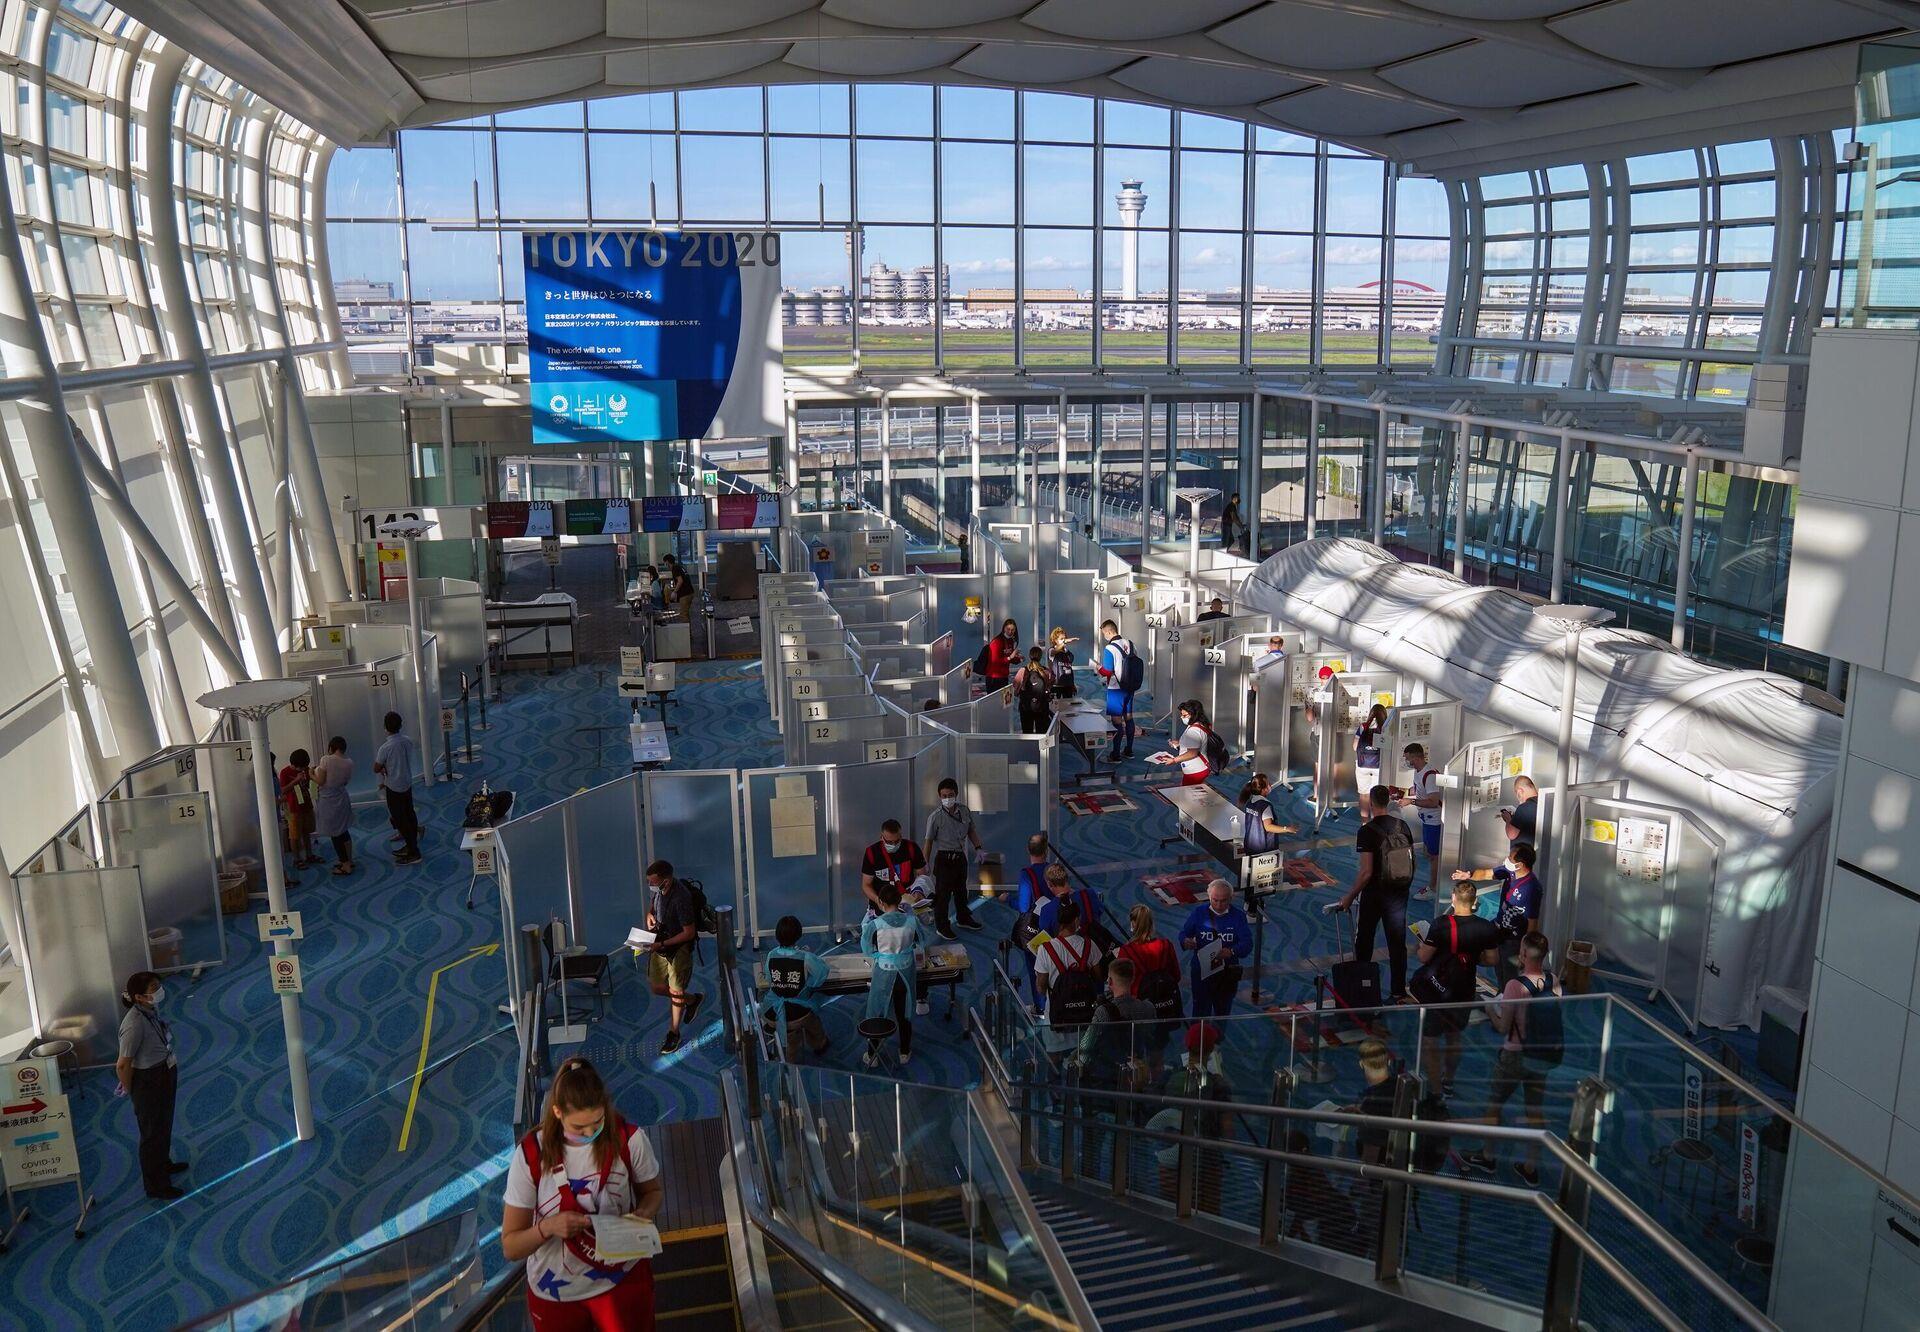 Зона сдачи тестов на Covid-19 в зоне прилета в аэропорту Ханеда в Токио - РИА Новости, 1920, 19.07.2021